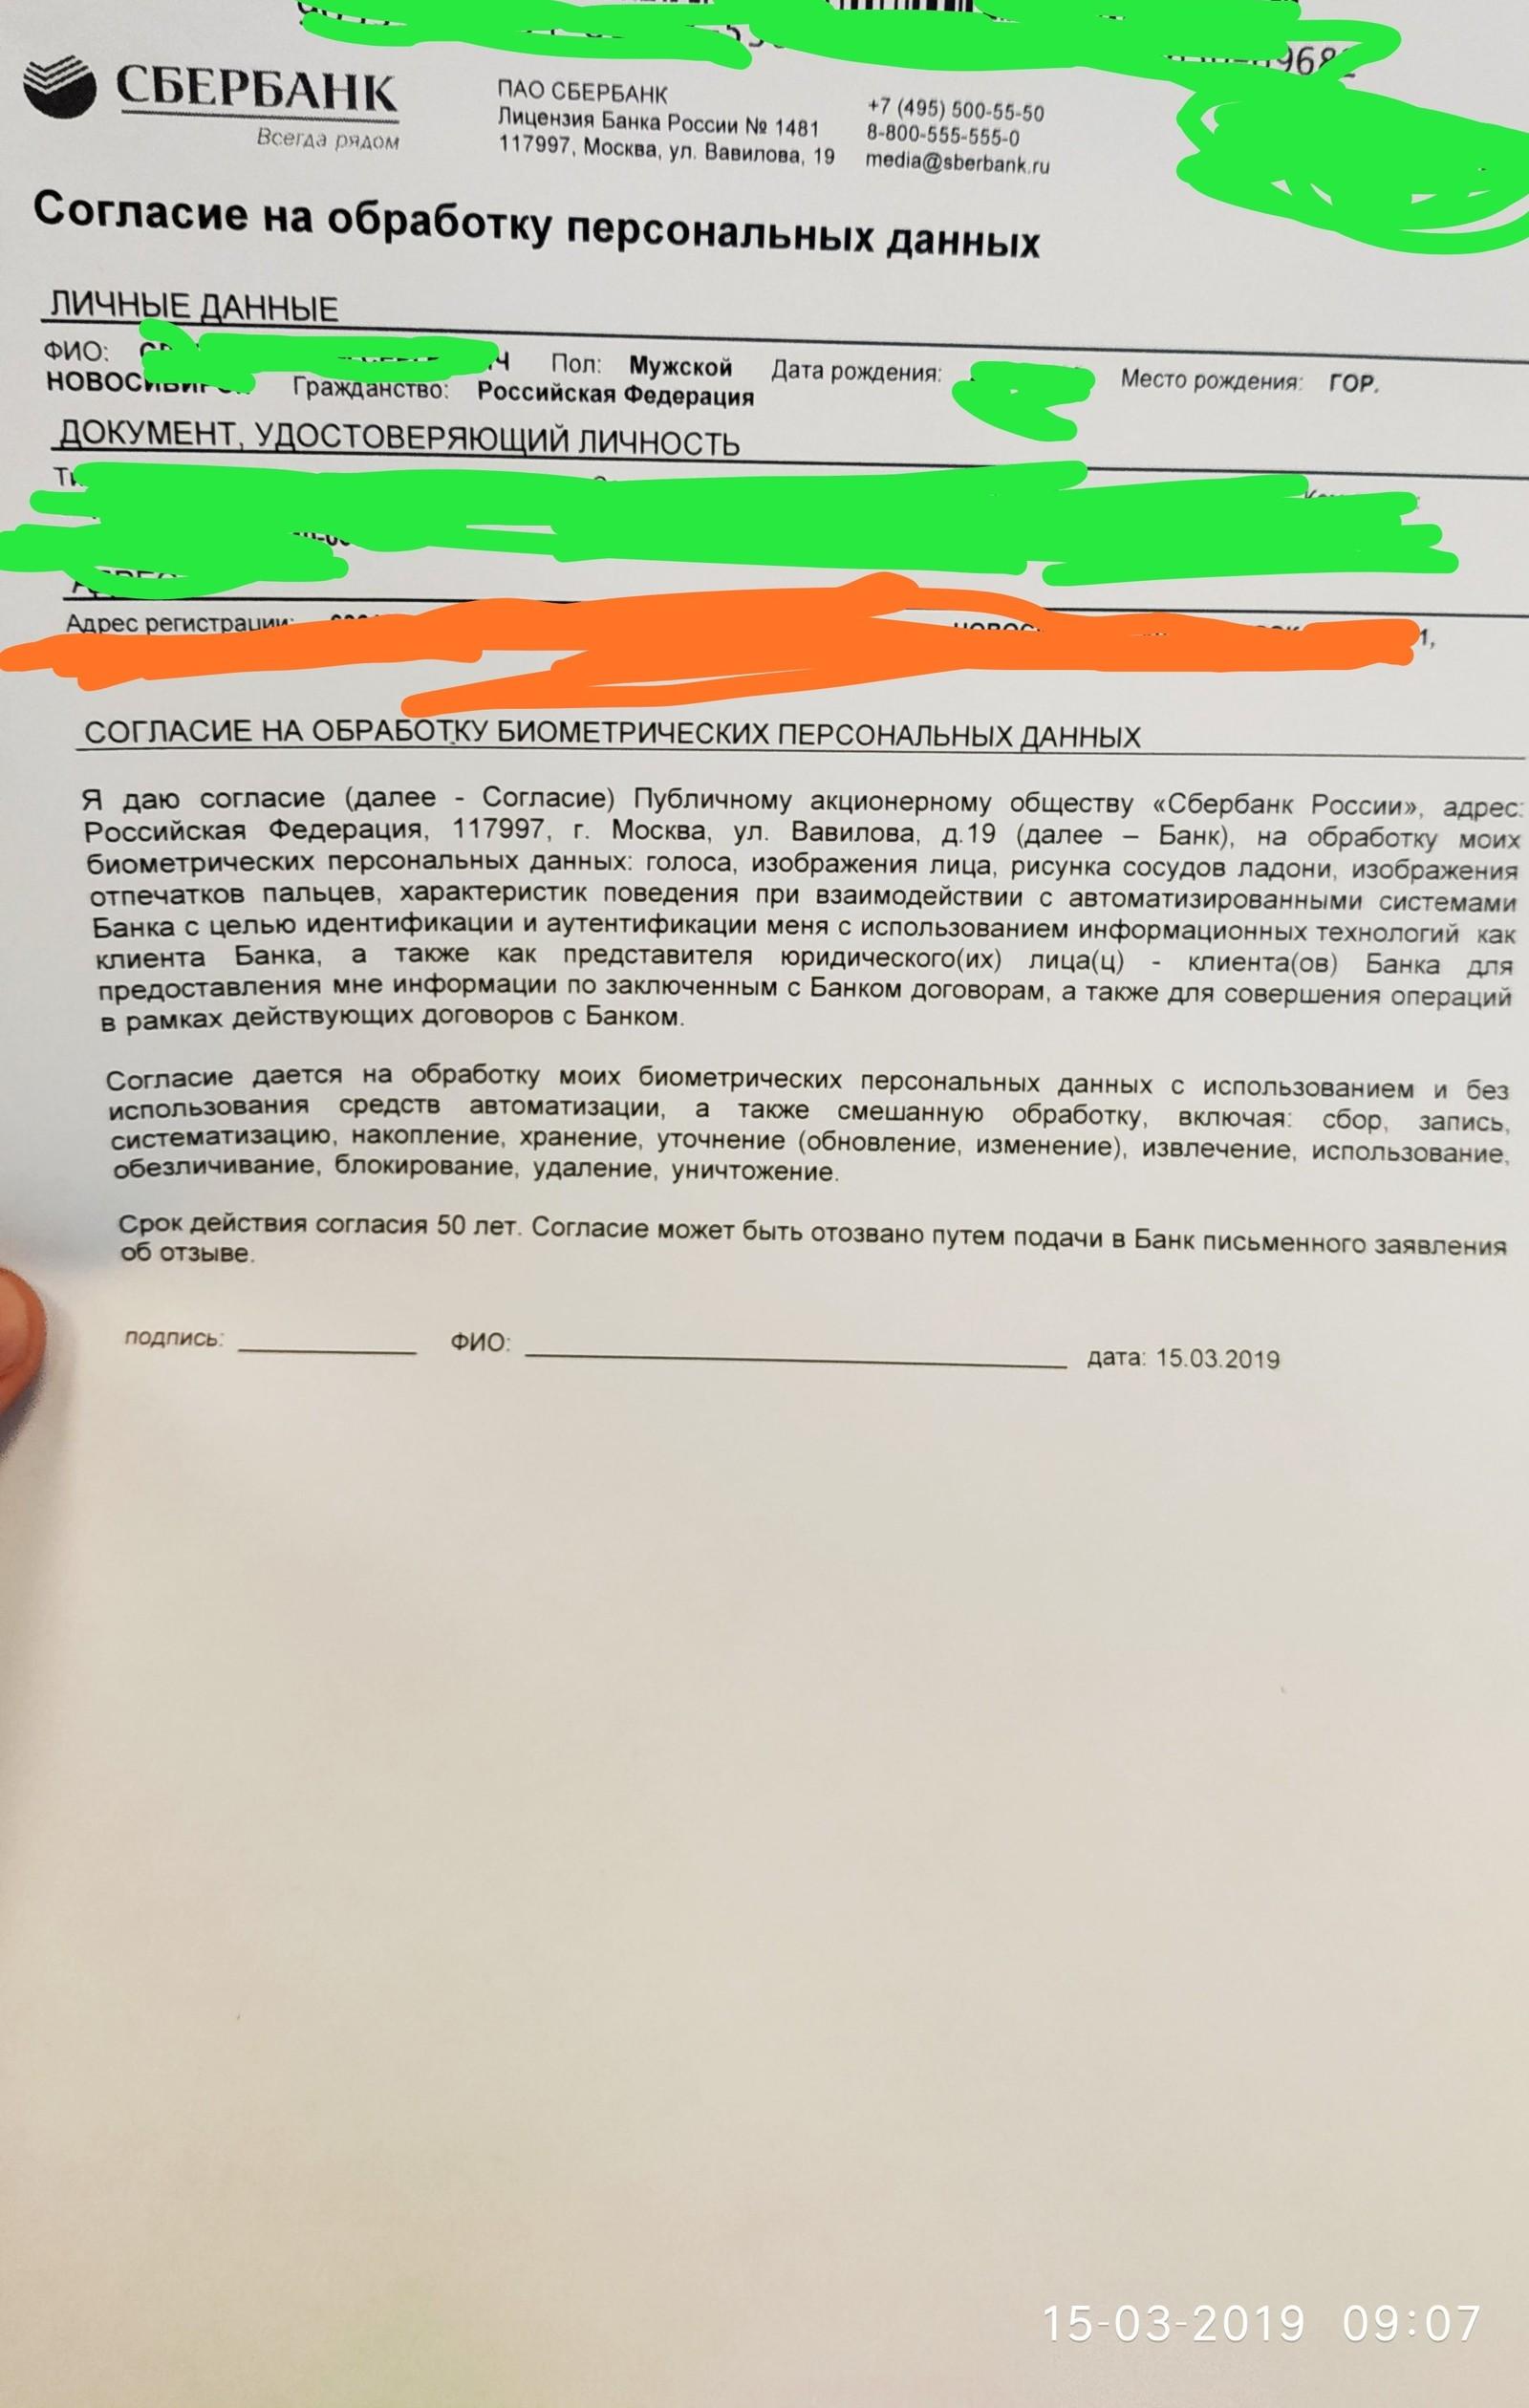 адрес сбербанка москва вавилова 19 положение занимаемое индивидом или социальной группой